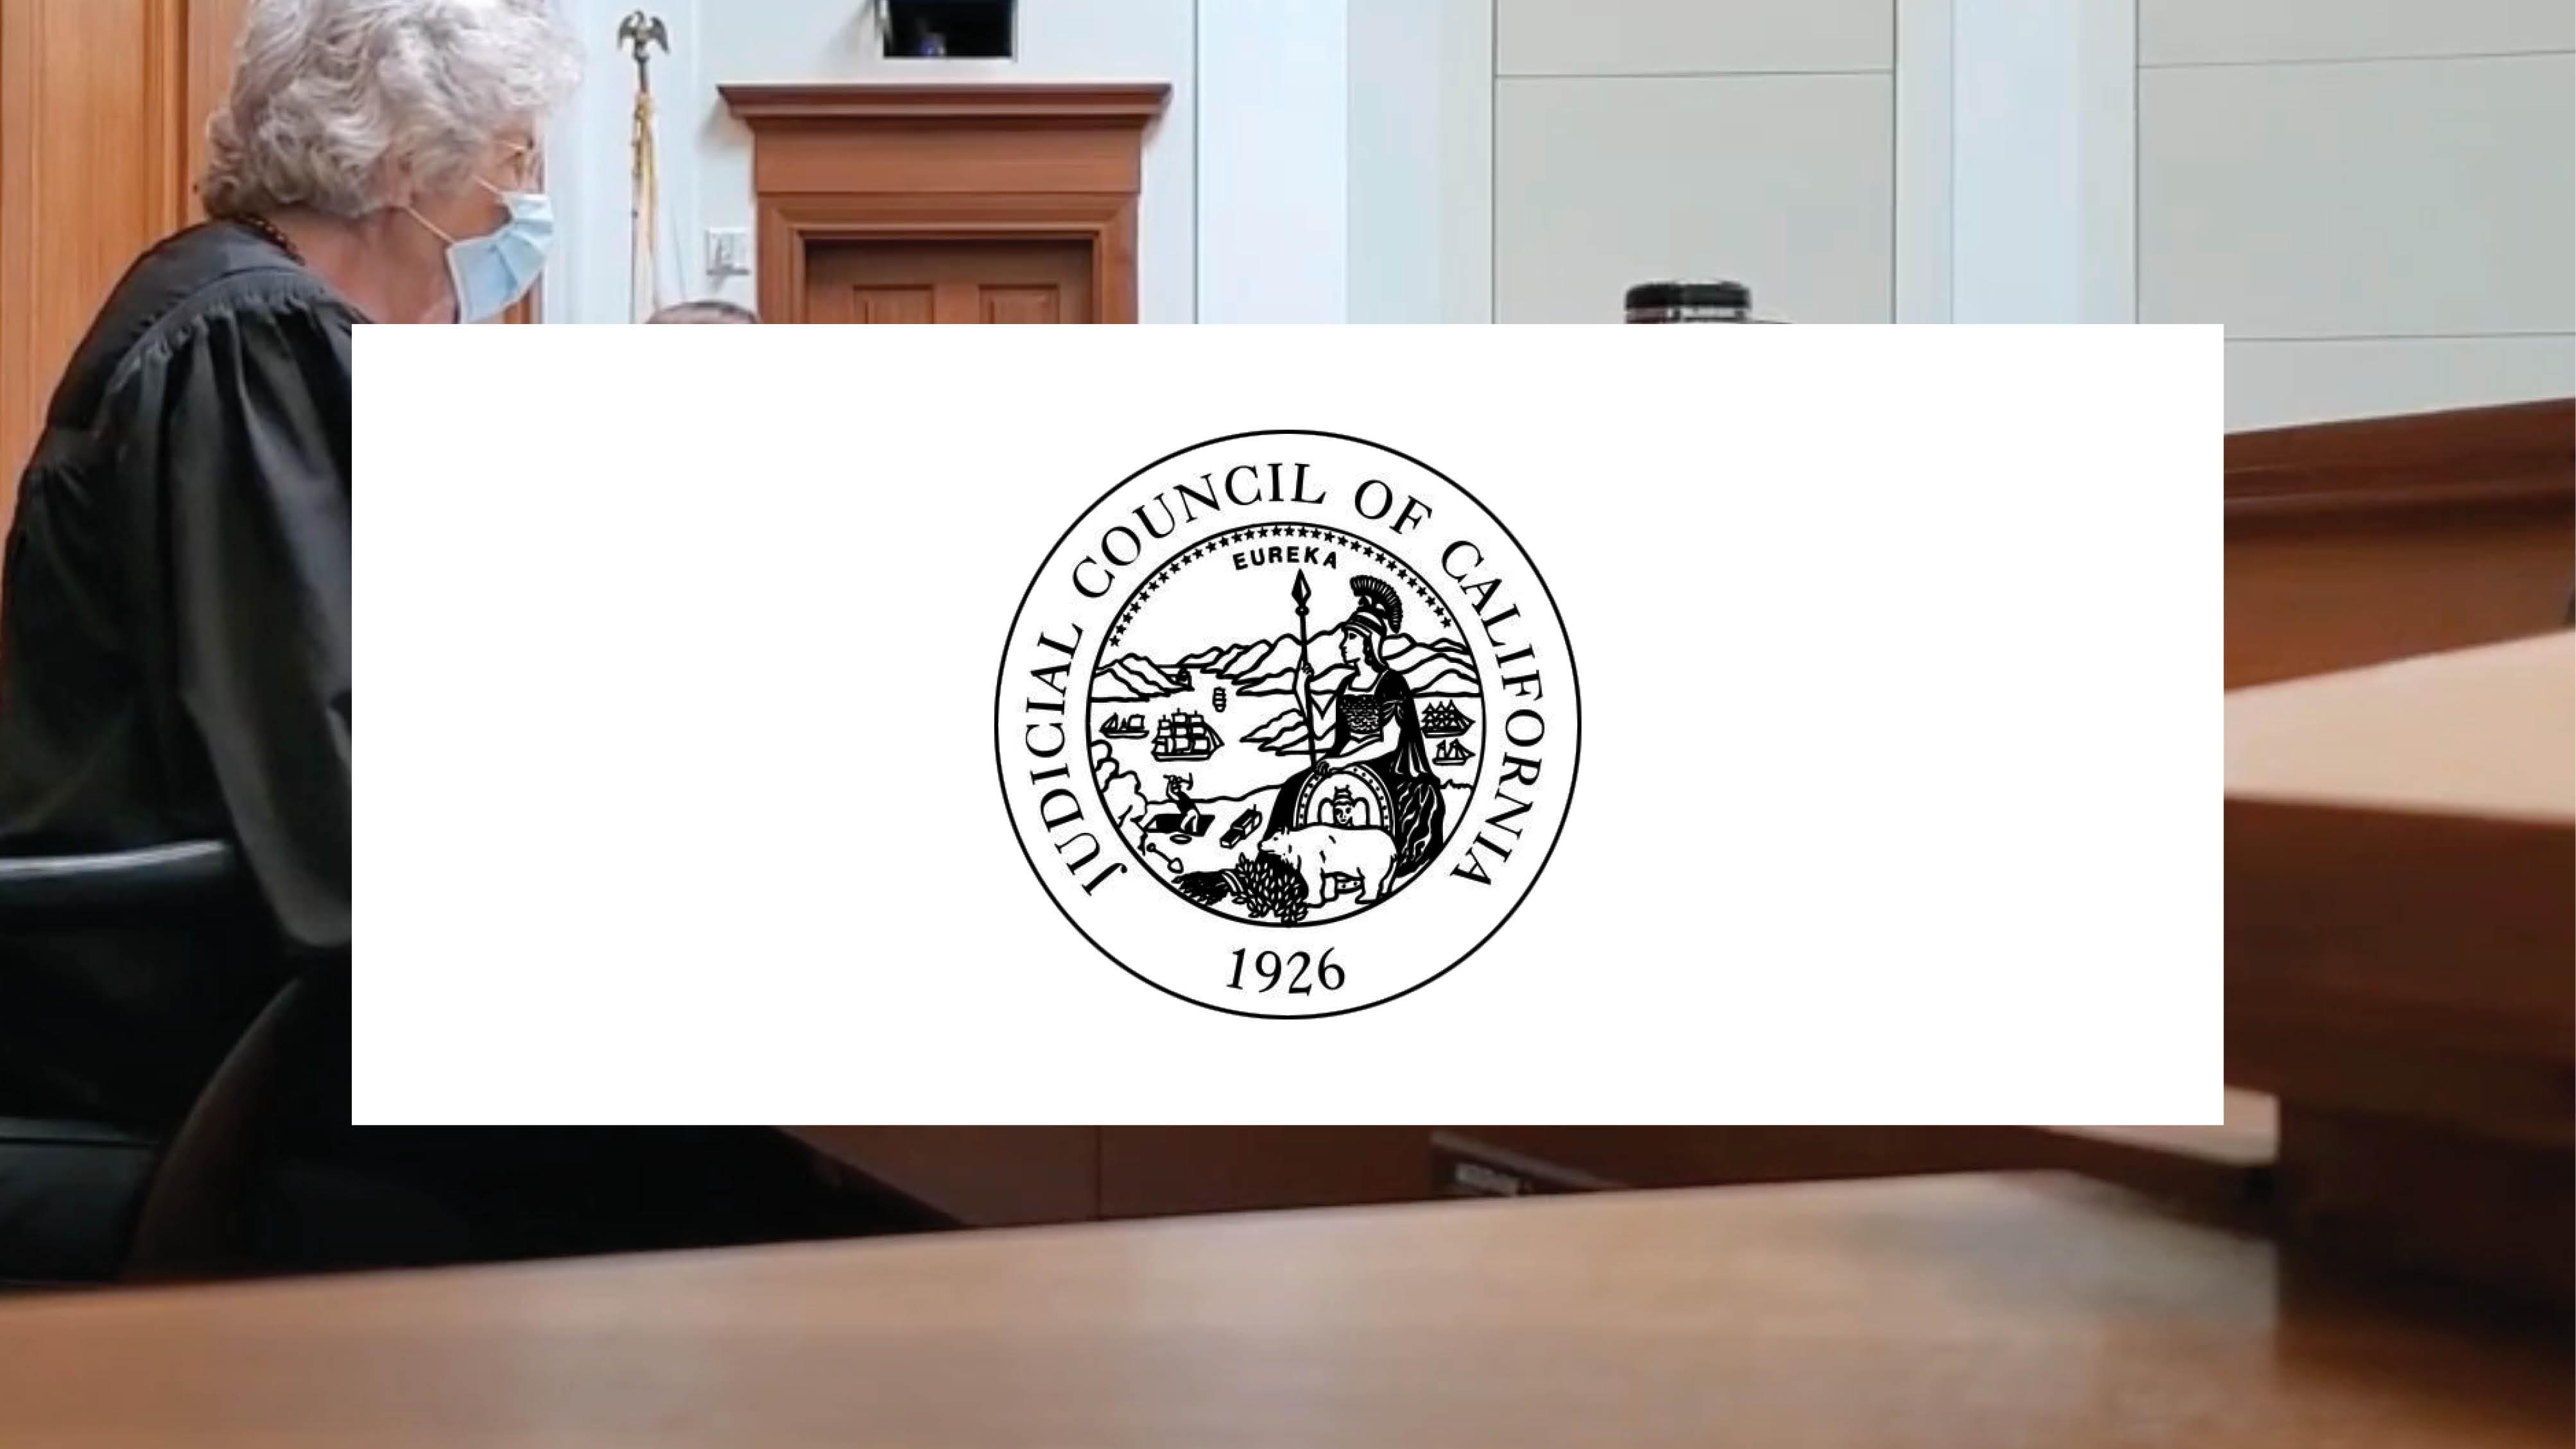 CA judicial coucil OG_1.jpg